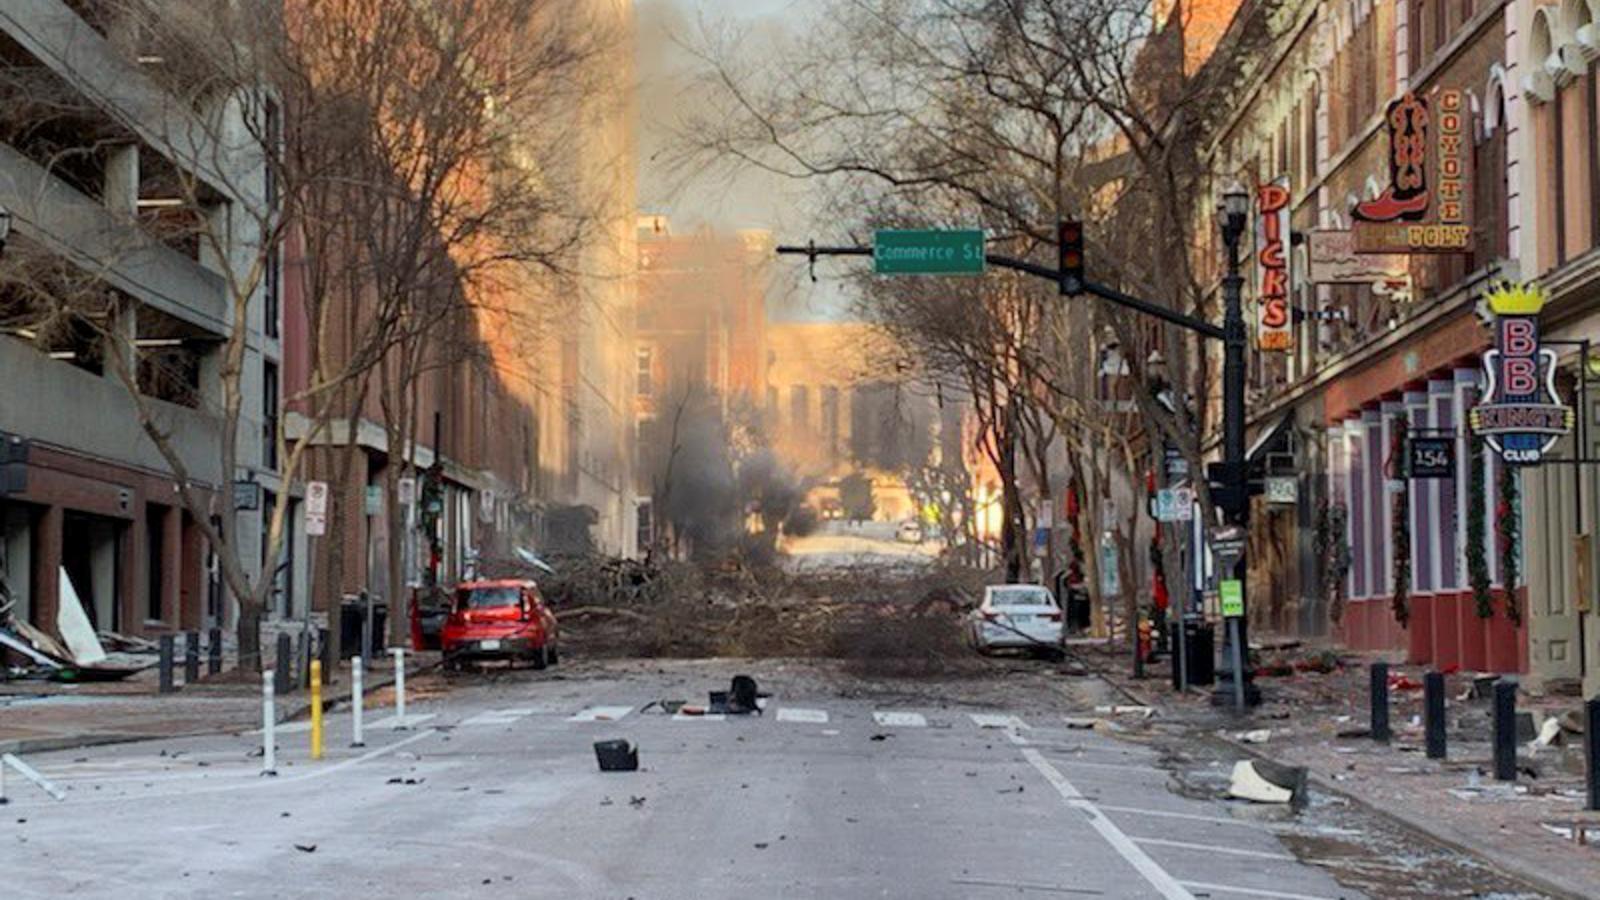 Una imatge del centre de Nashville proporcionada per la policia en què es veuen les conseqüències de l'explosió